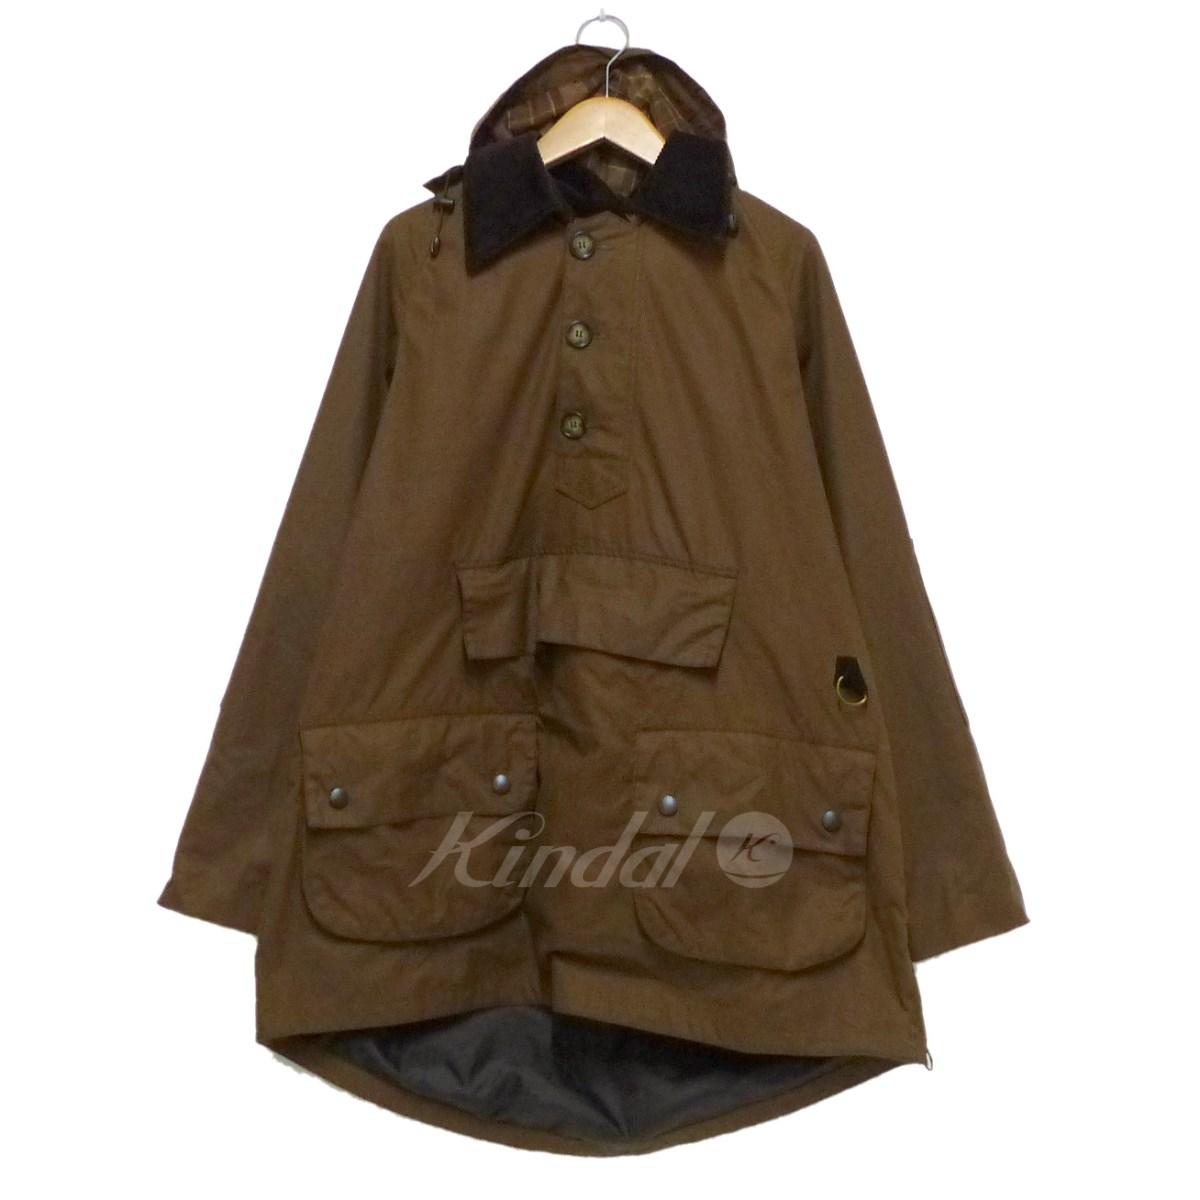 【中古】Barbour KONG SHOREMAN オイルドプルオーバージャケット ブラウン サイズ:40 【送料無料】 【231018】(バーブァー)